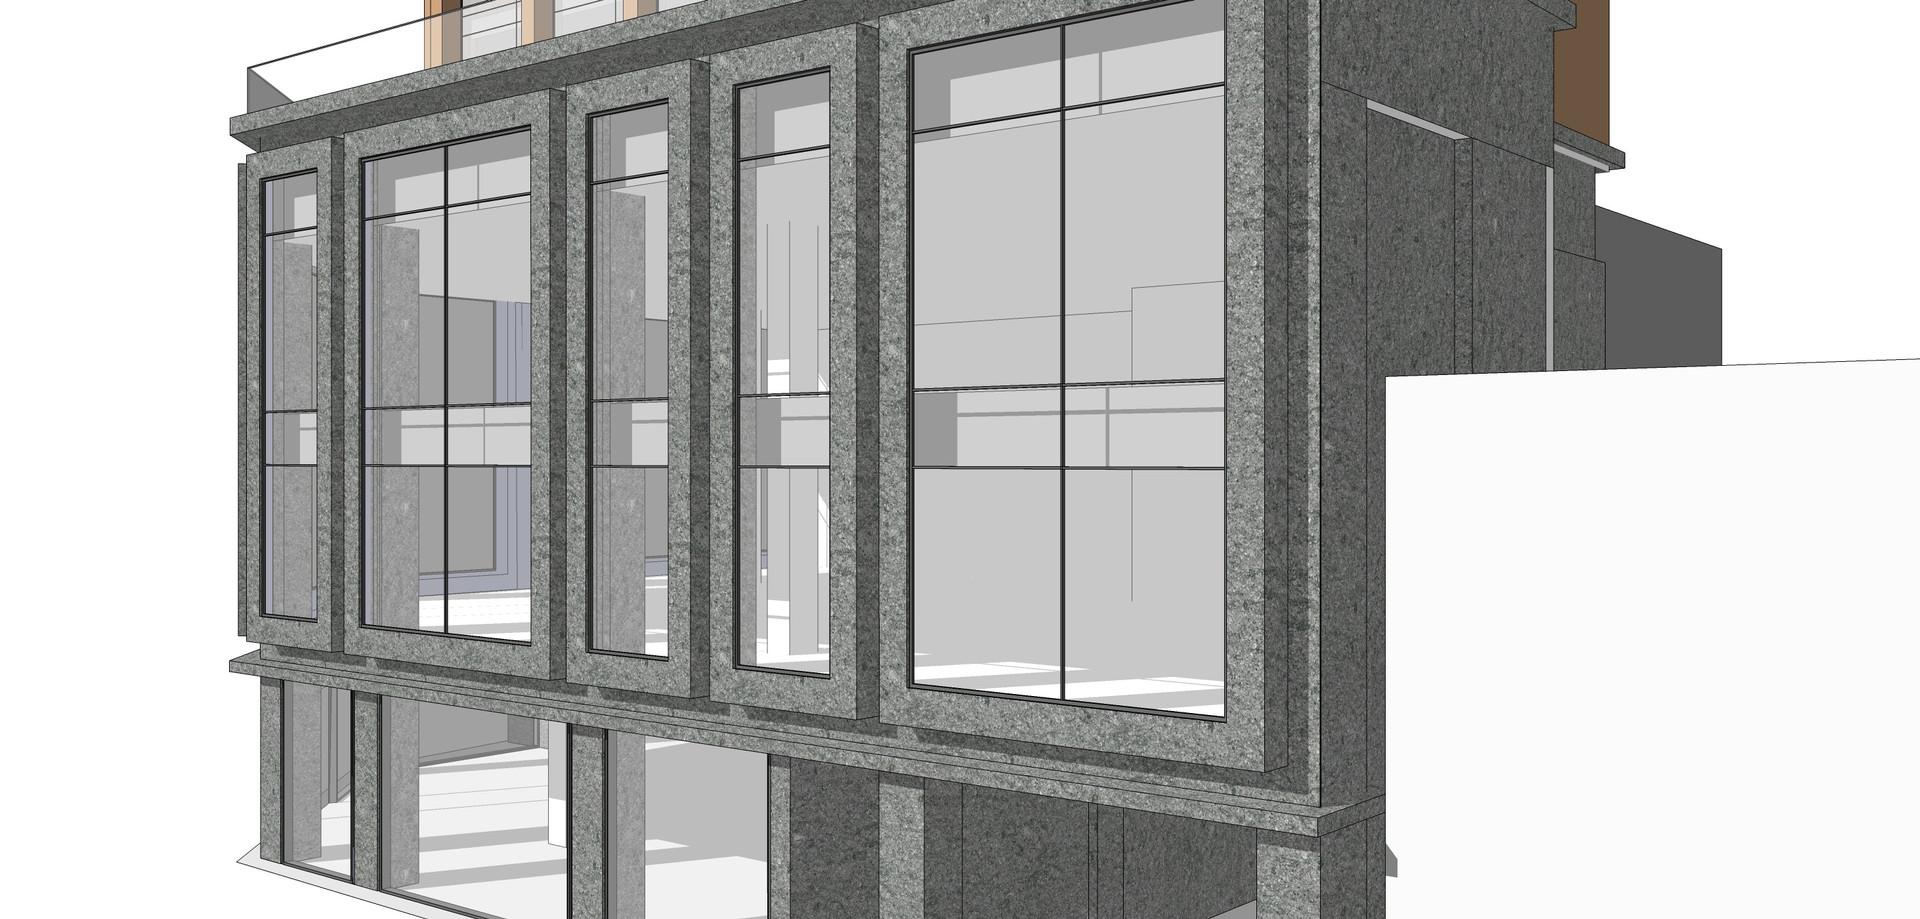 170602  - 부라더 대전 리빙텔 alt2-9.jpg